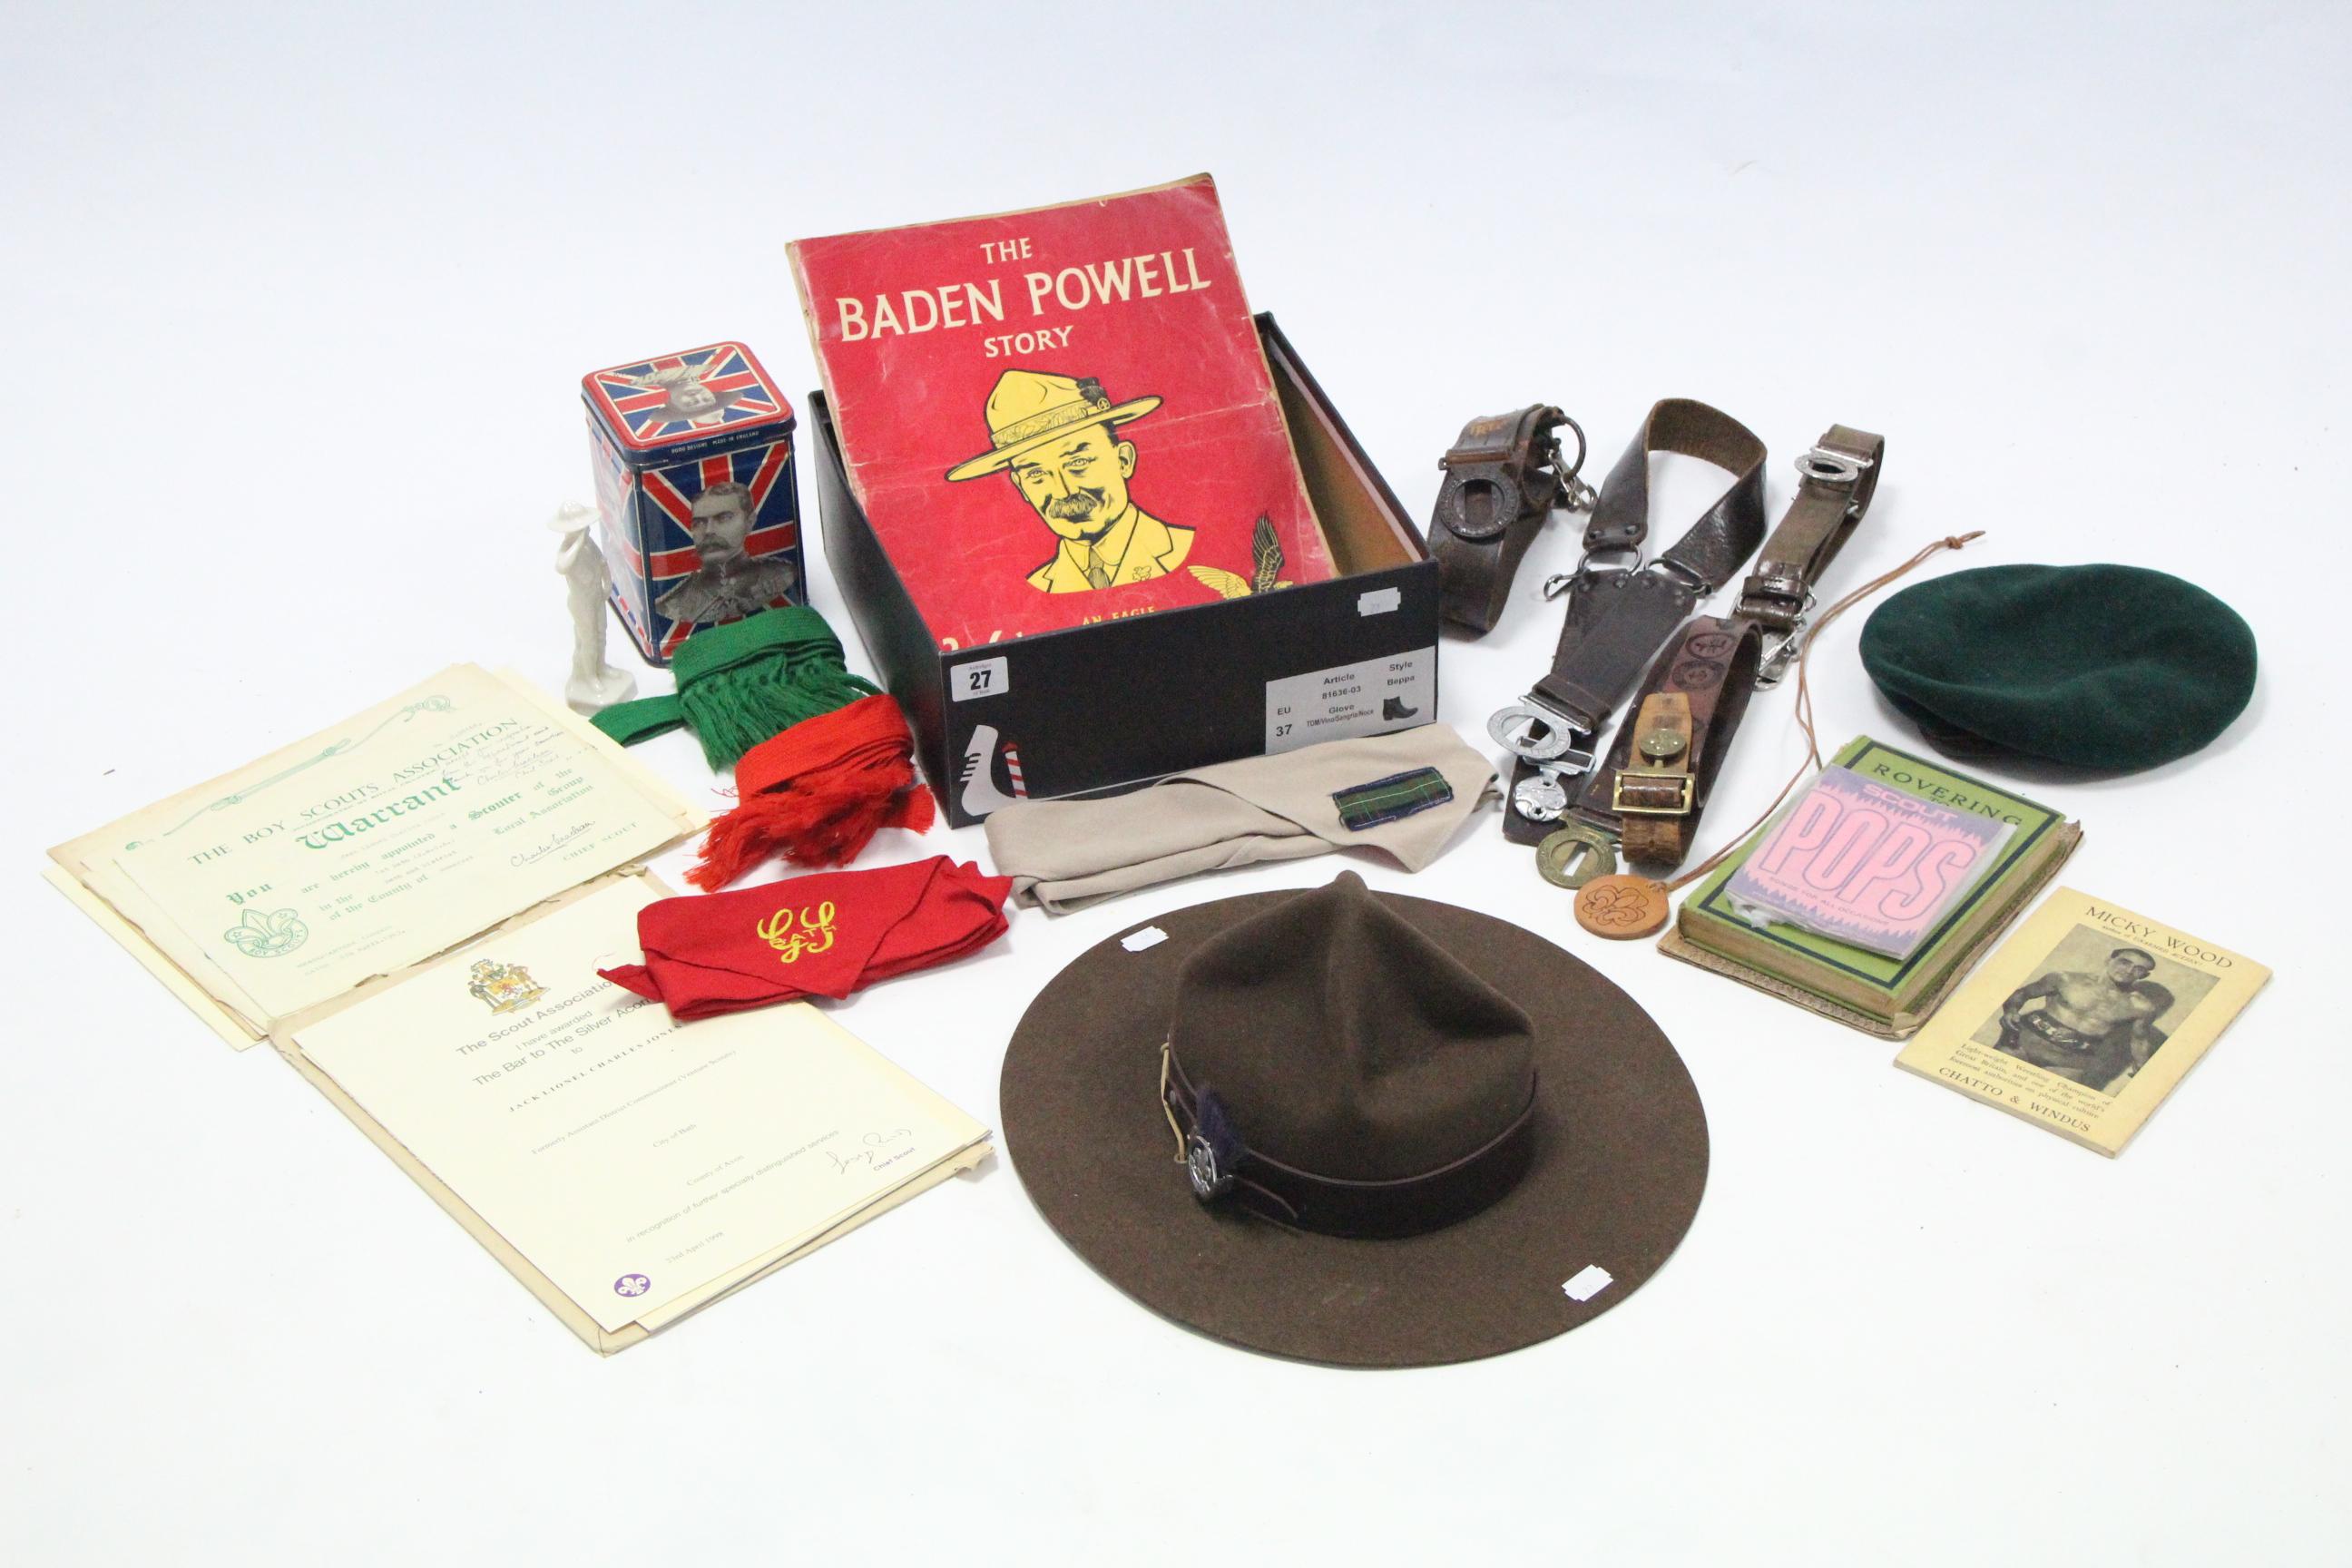 Lot 27 - A Boy Scout leader's wide-brimmed hat; a Boy Scout's cap; various Boy Scouts belts & neckerchiefs,